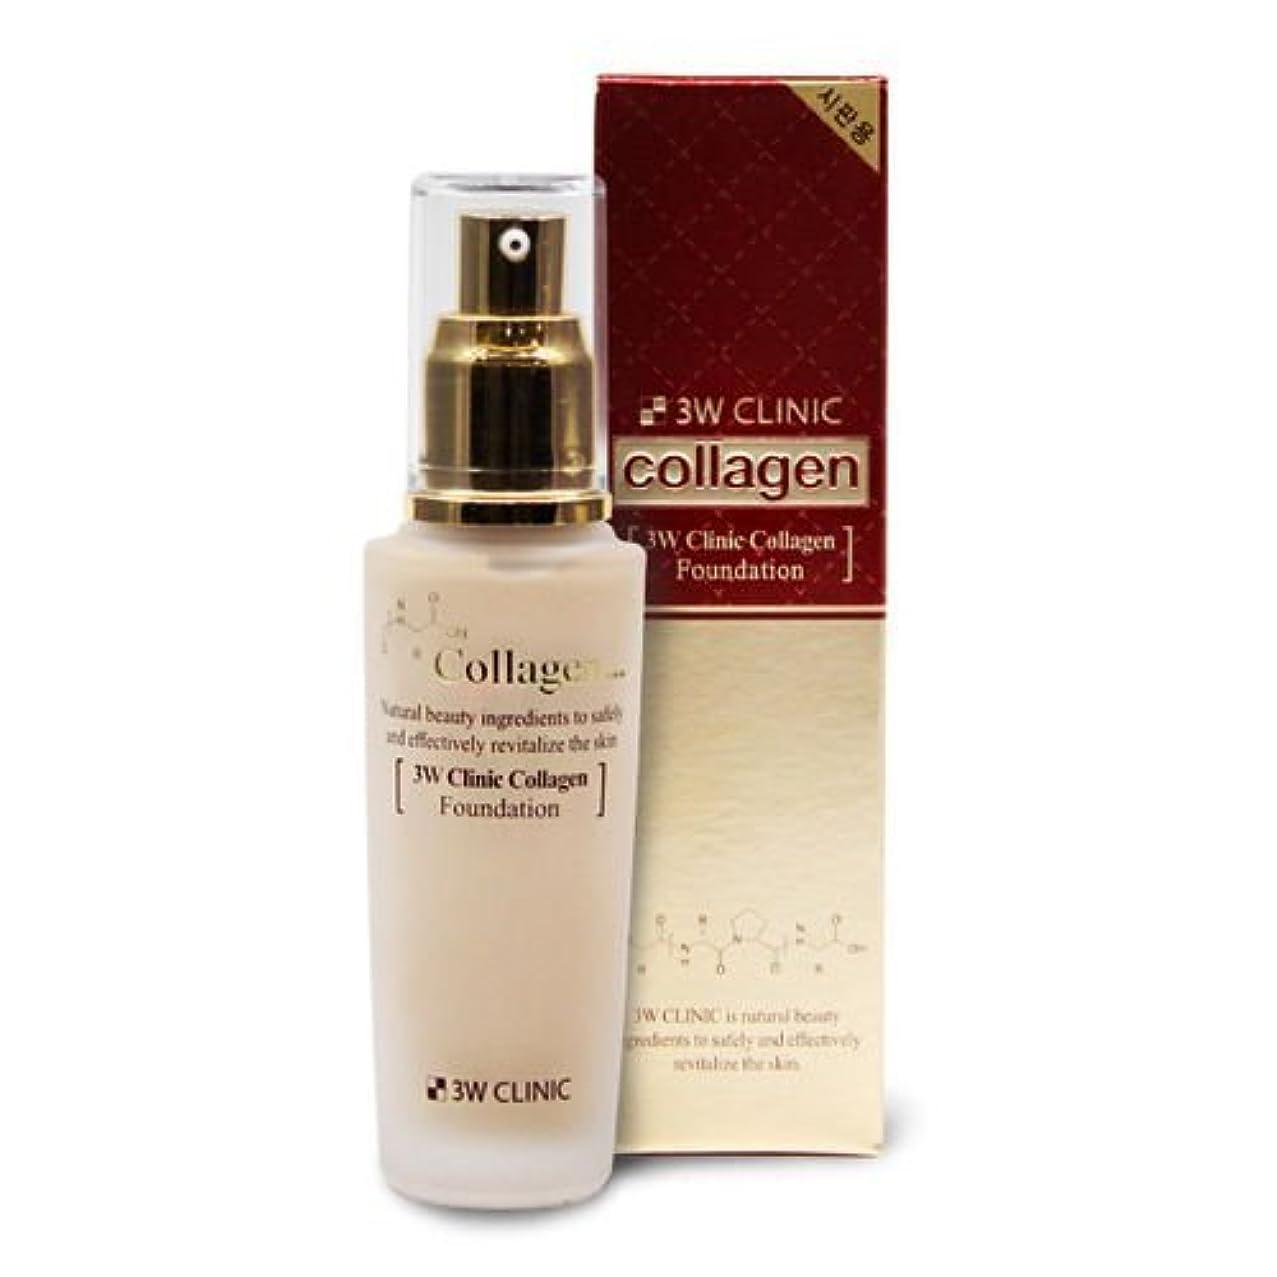 ペナルティジーンズドロップ3Wクリニック[韓国コスメ3w Clinic]Collagen Foundation Perfect Cover Make-Up Base コラーゲンファンデーションパーフェクトカバーメイクアップベース50ml[並行輸入品...